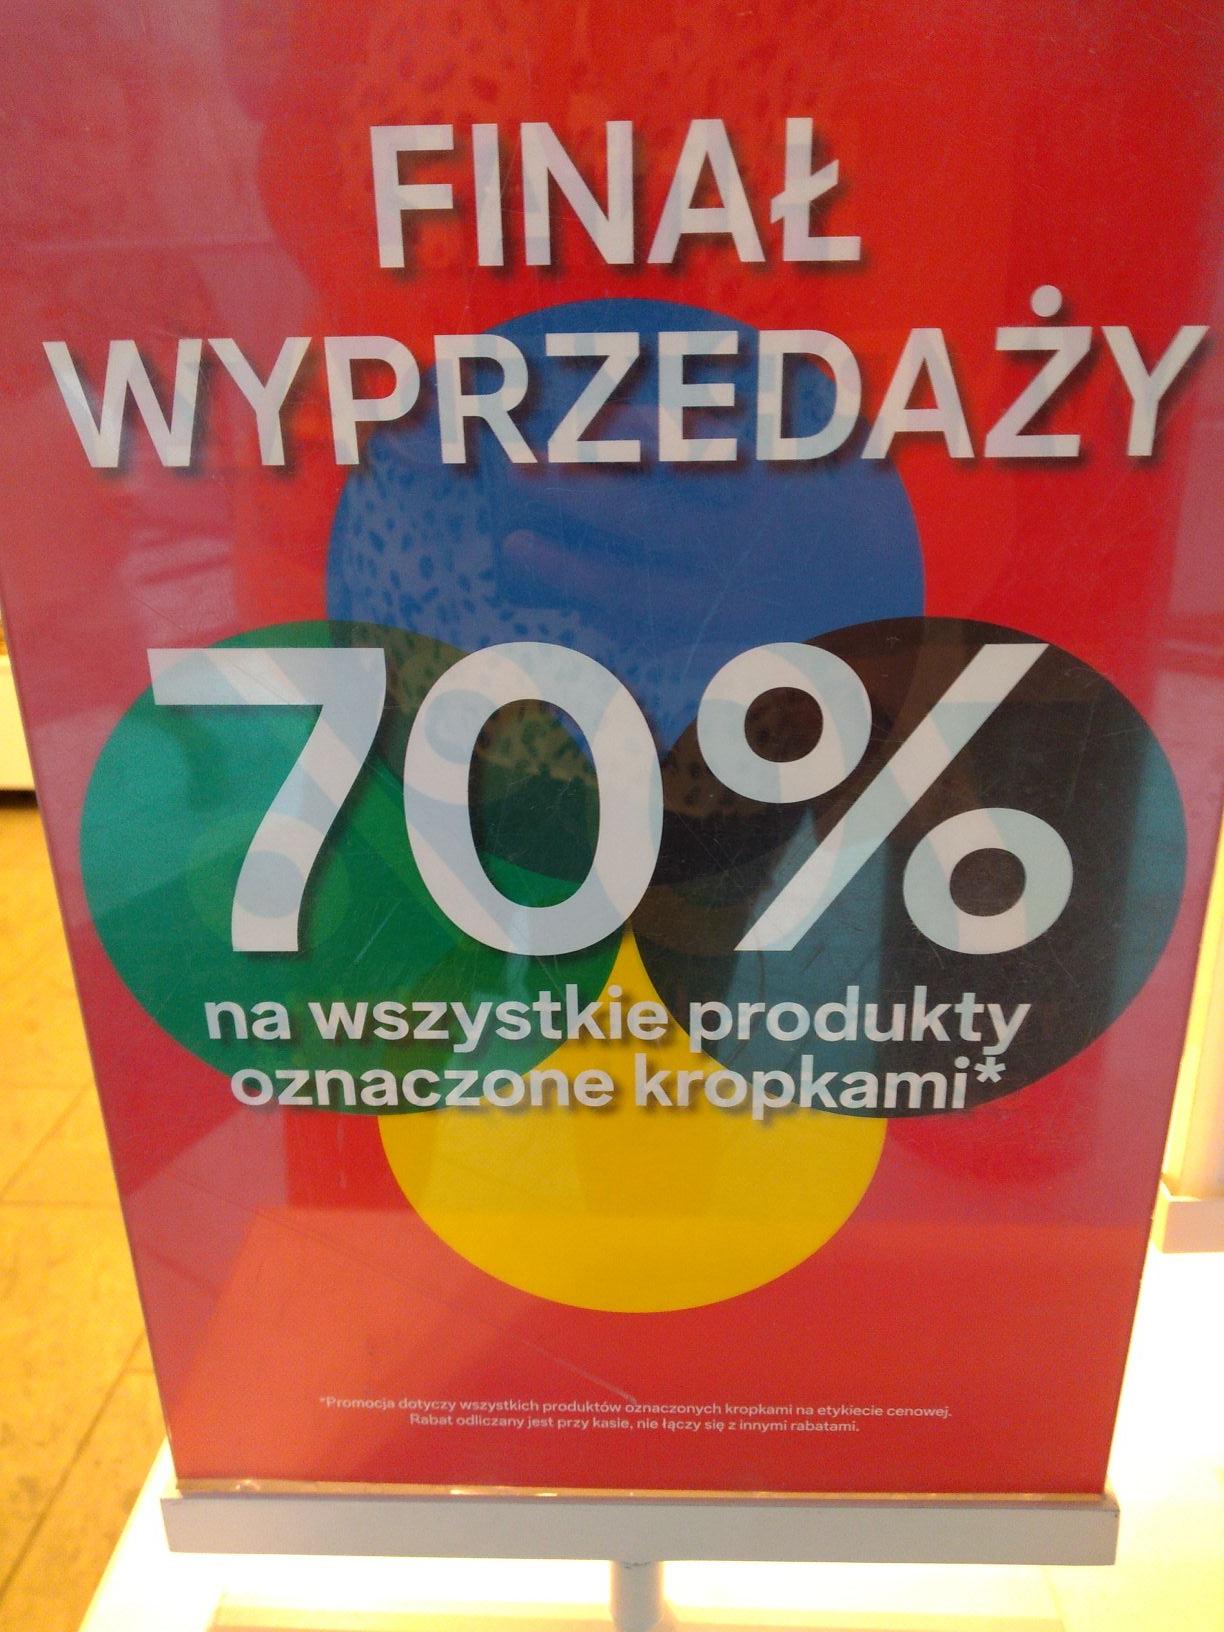 Finał wyprzedaży -70% C&A